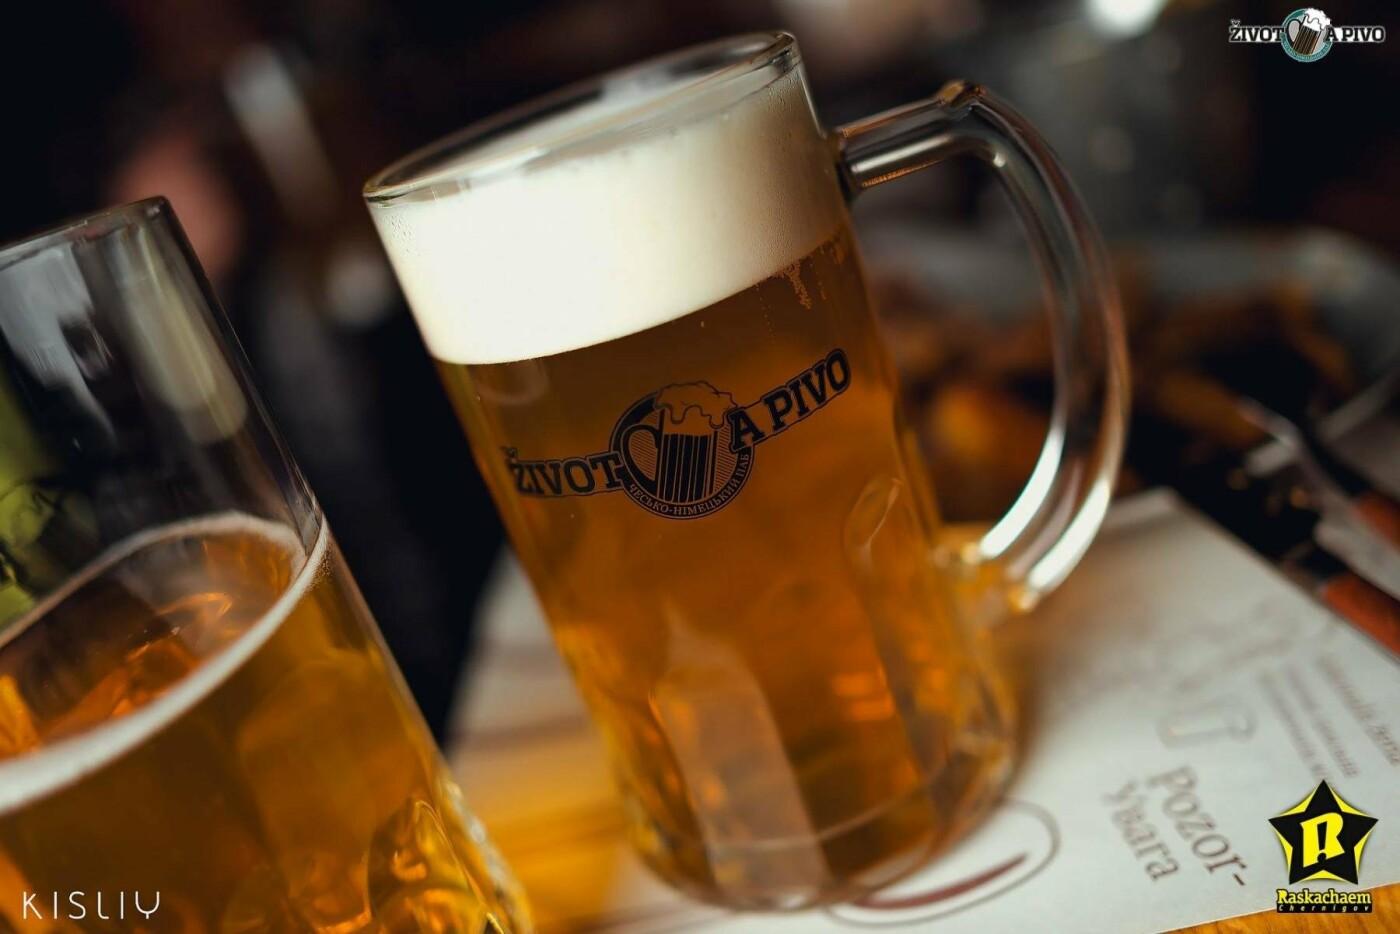 Живіт для пива чи від пива? Або як Чехія та Німеччина оселилися в самісінькому центрі Черкас, фото-1